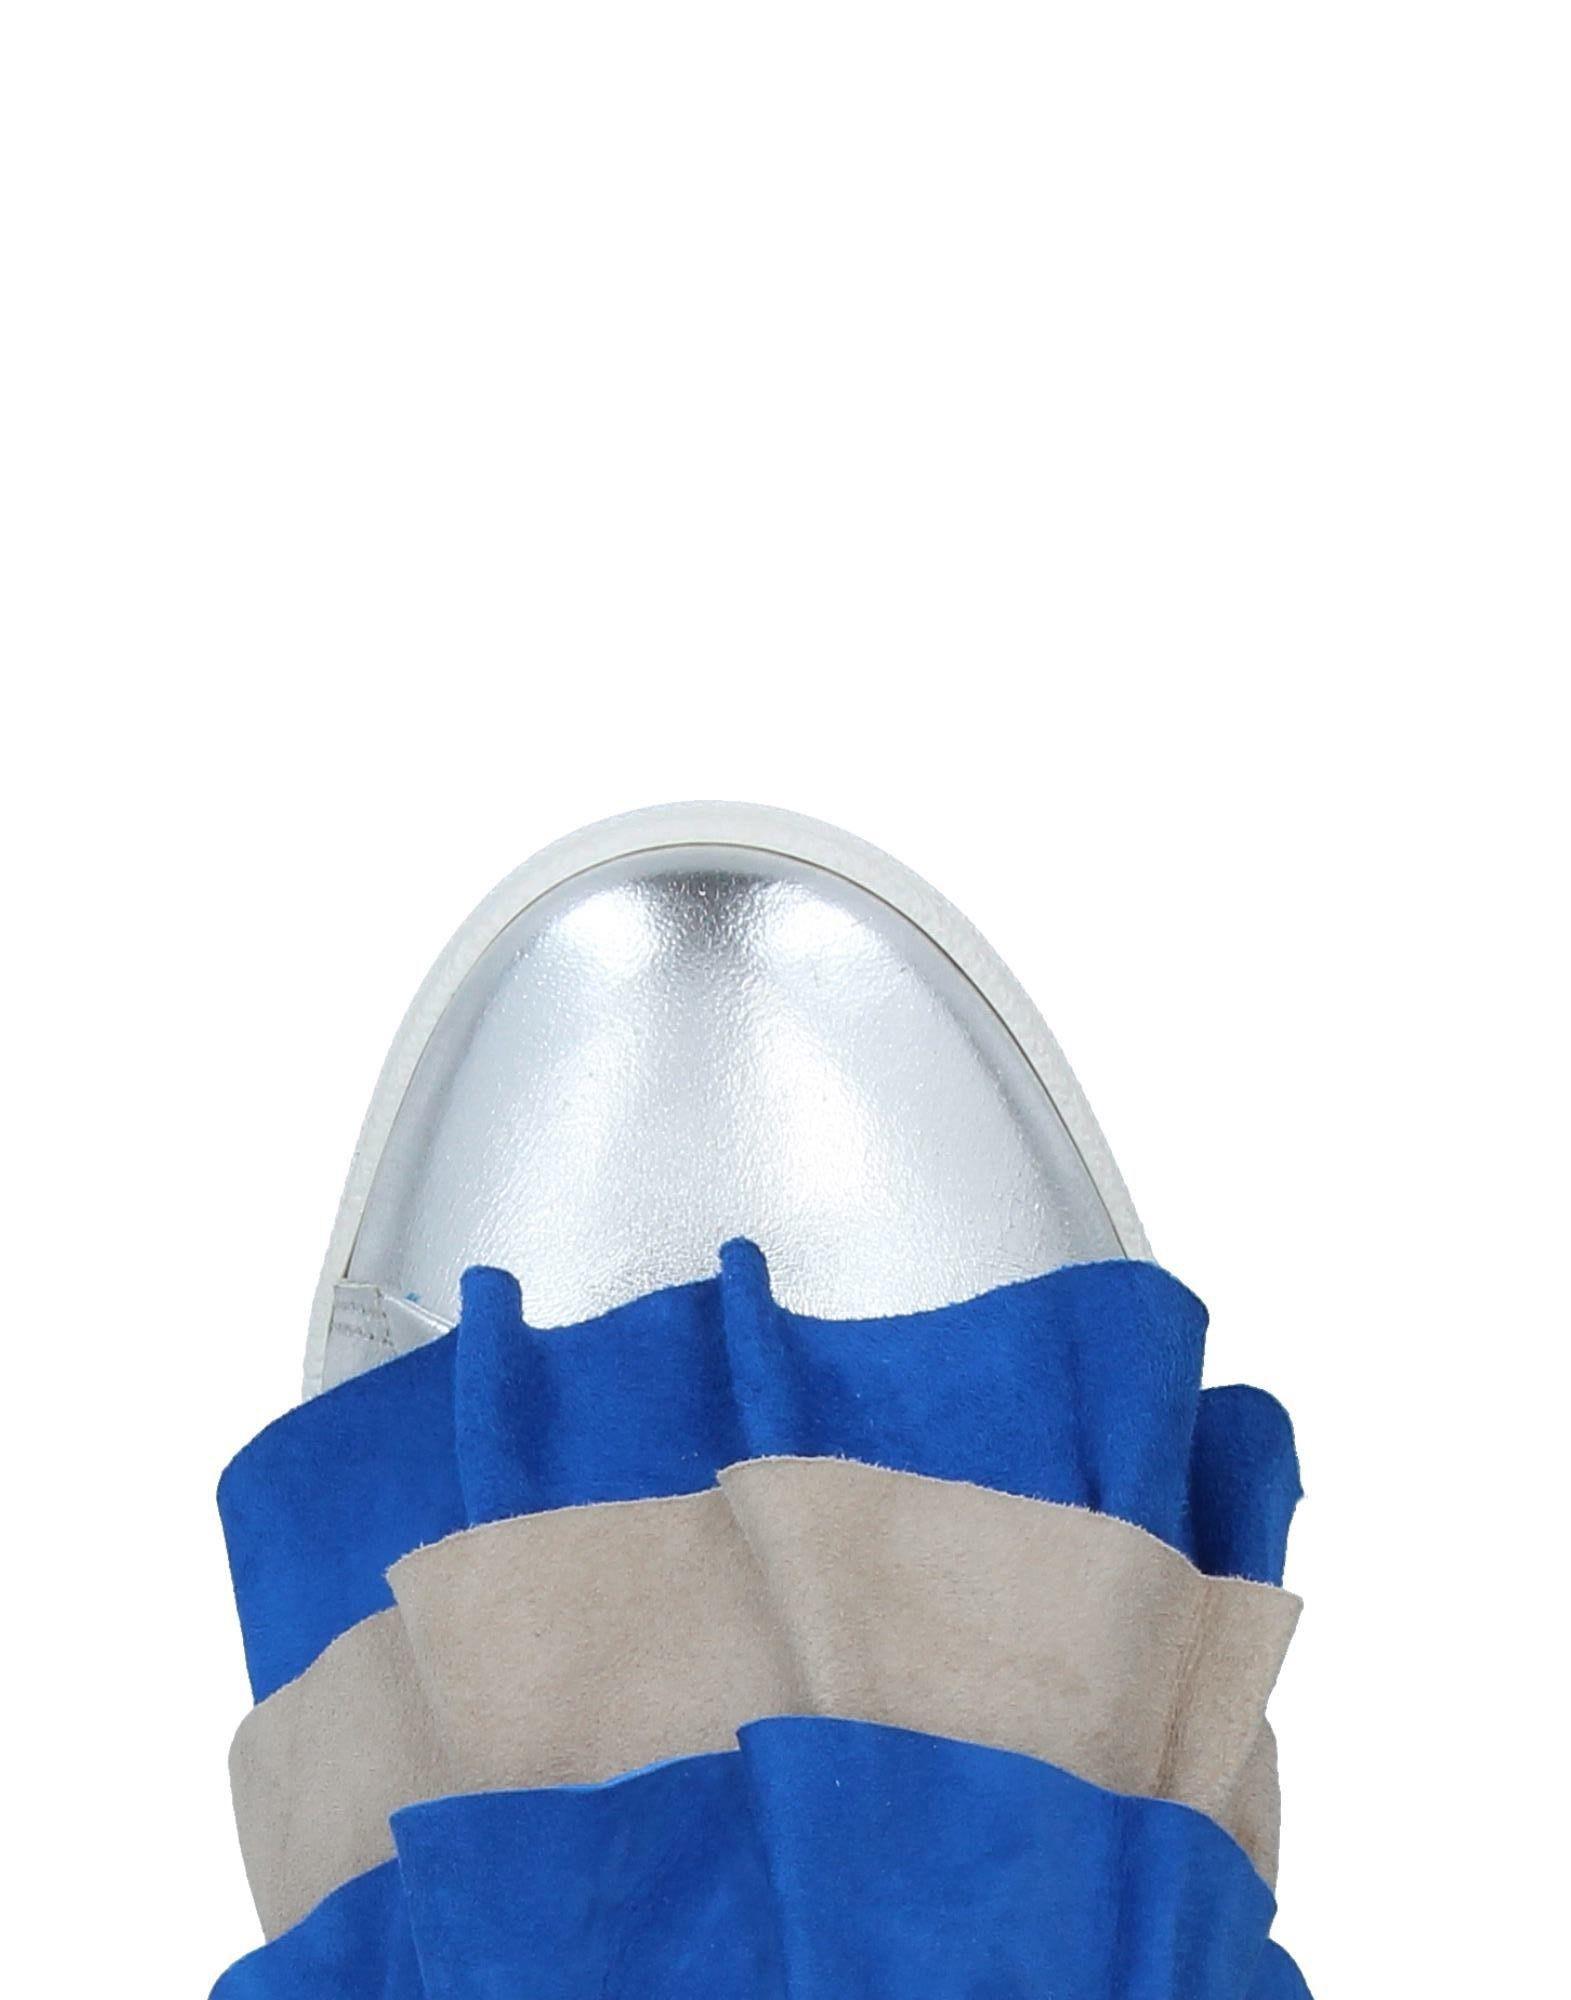 Islo Islo Islo Isabella Lorusso Sneakers - Women Islo Isabella Lorusso Sneakers online on  United Kingdom - 11393727PH 4bf7f8